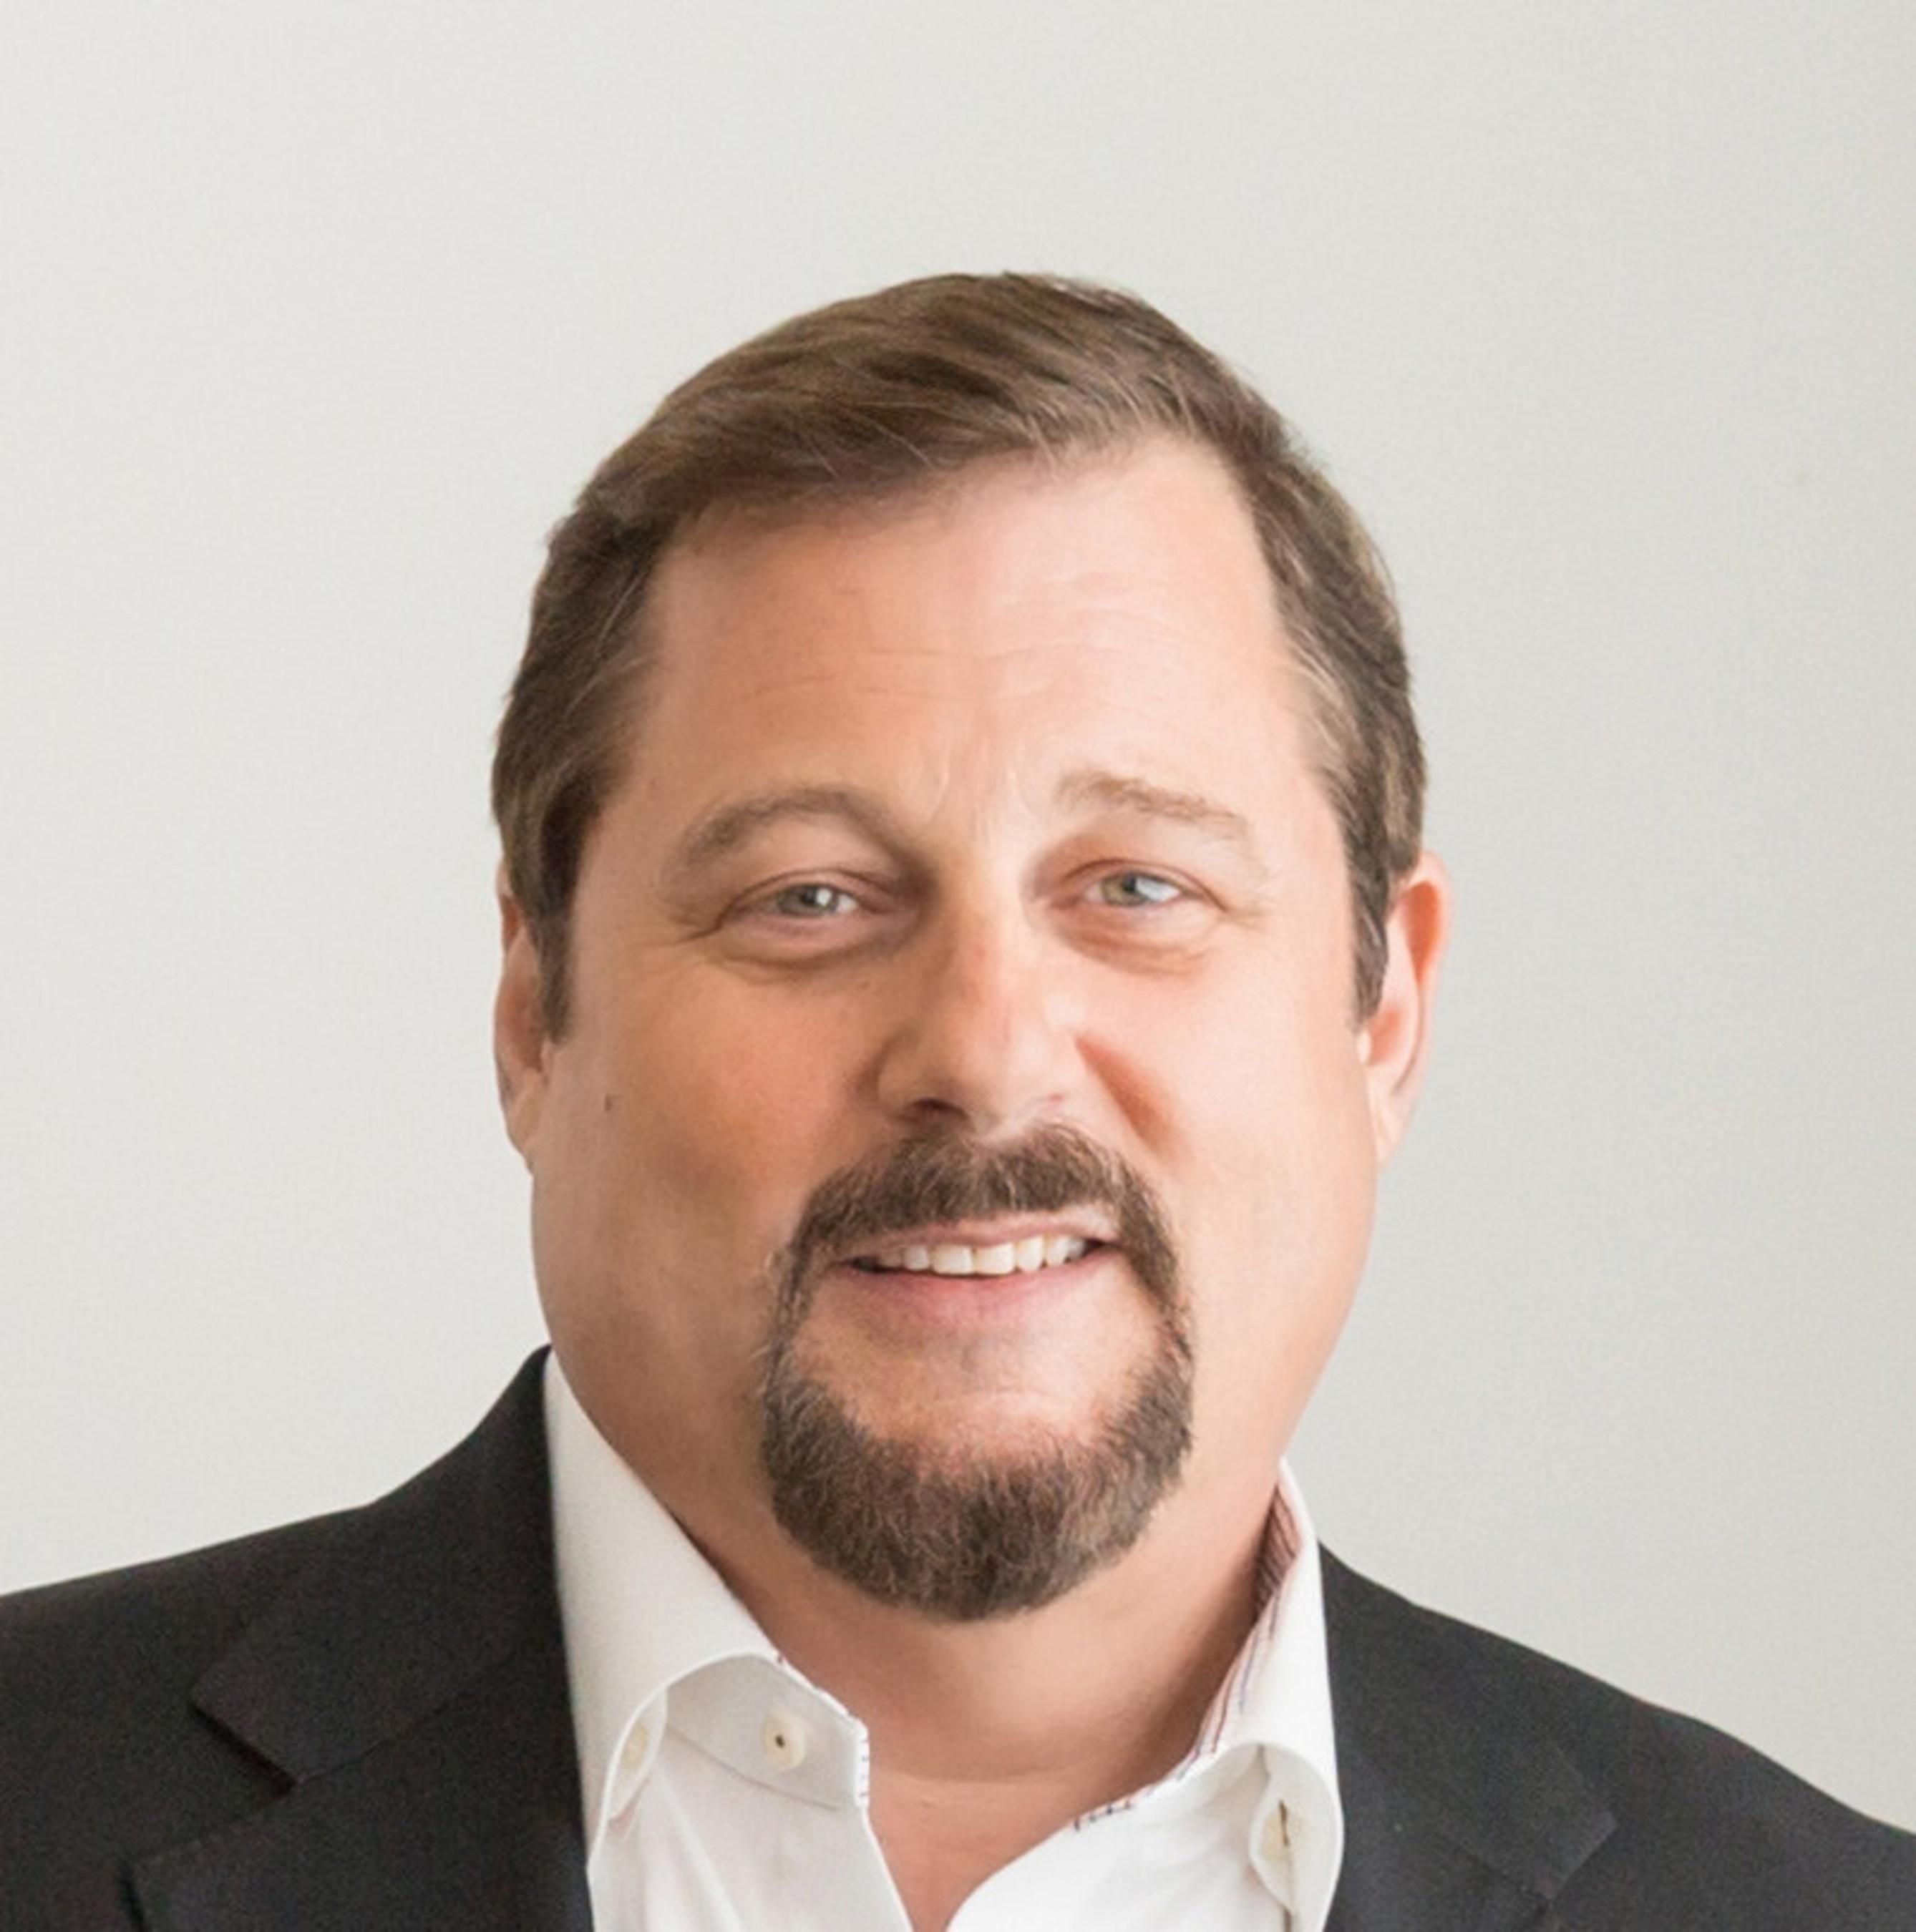 Bryan Stolle, General Partner, Wildcat Venture Partners and Mohr Davidow Ventures.